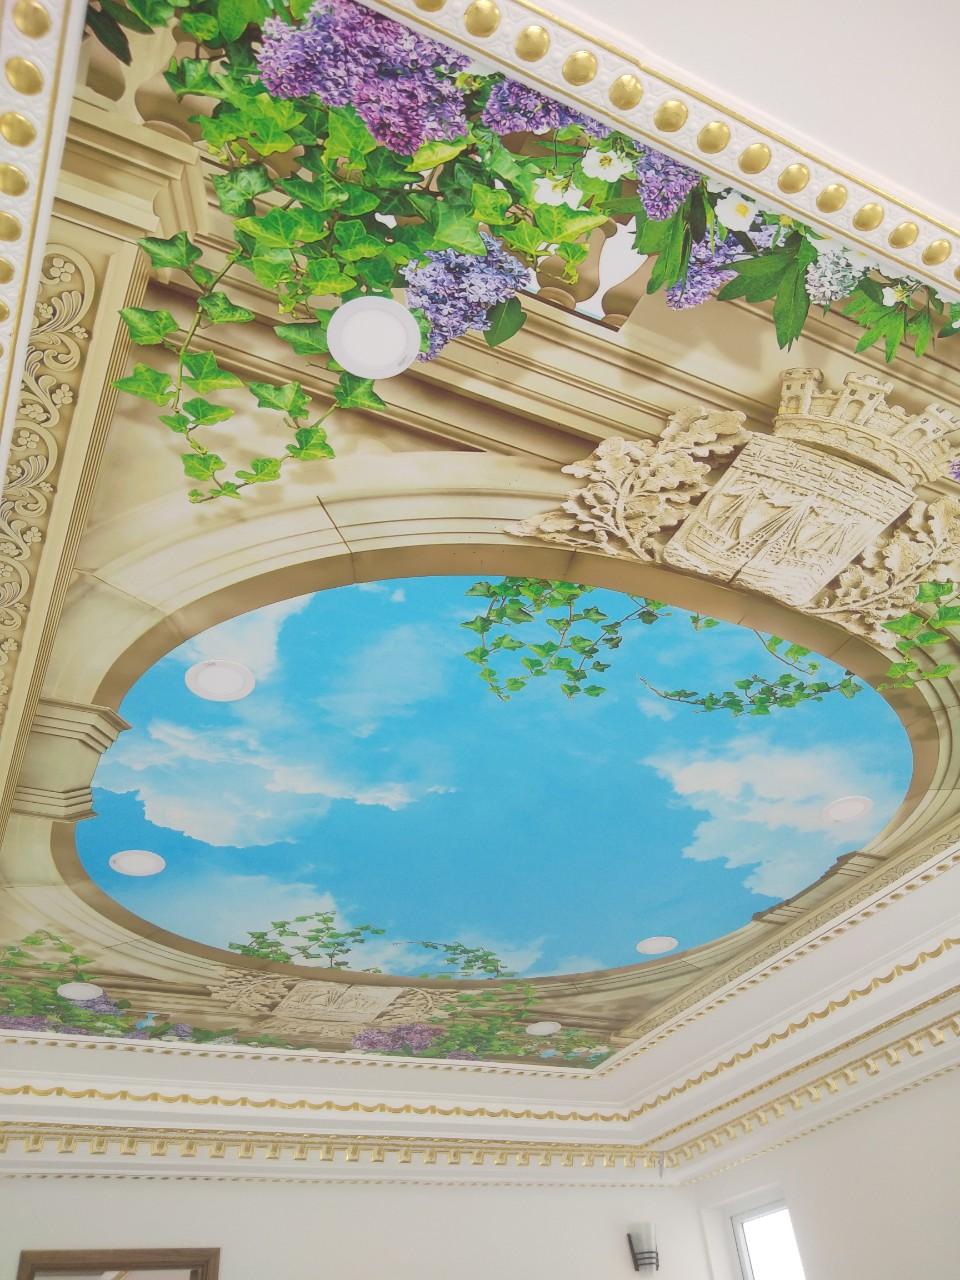 tranh dan tran bau troi Tranh Dán Trần Nhà 3D Vòm Trời